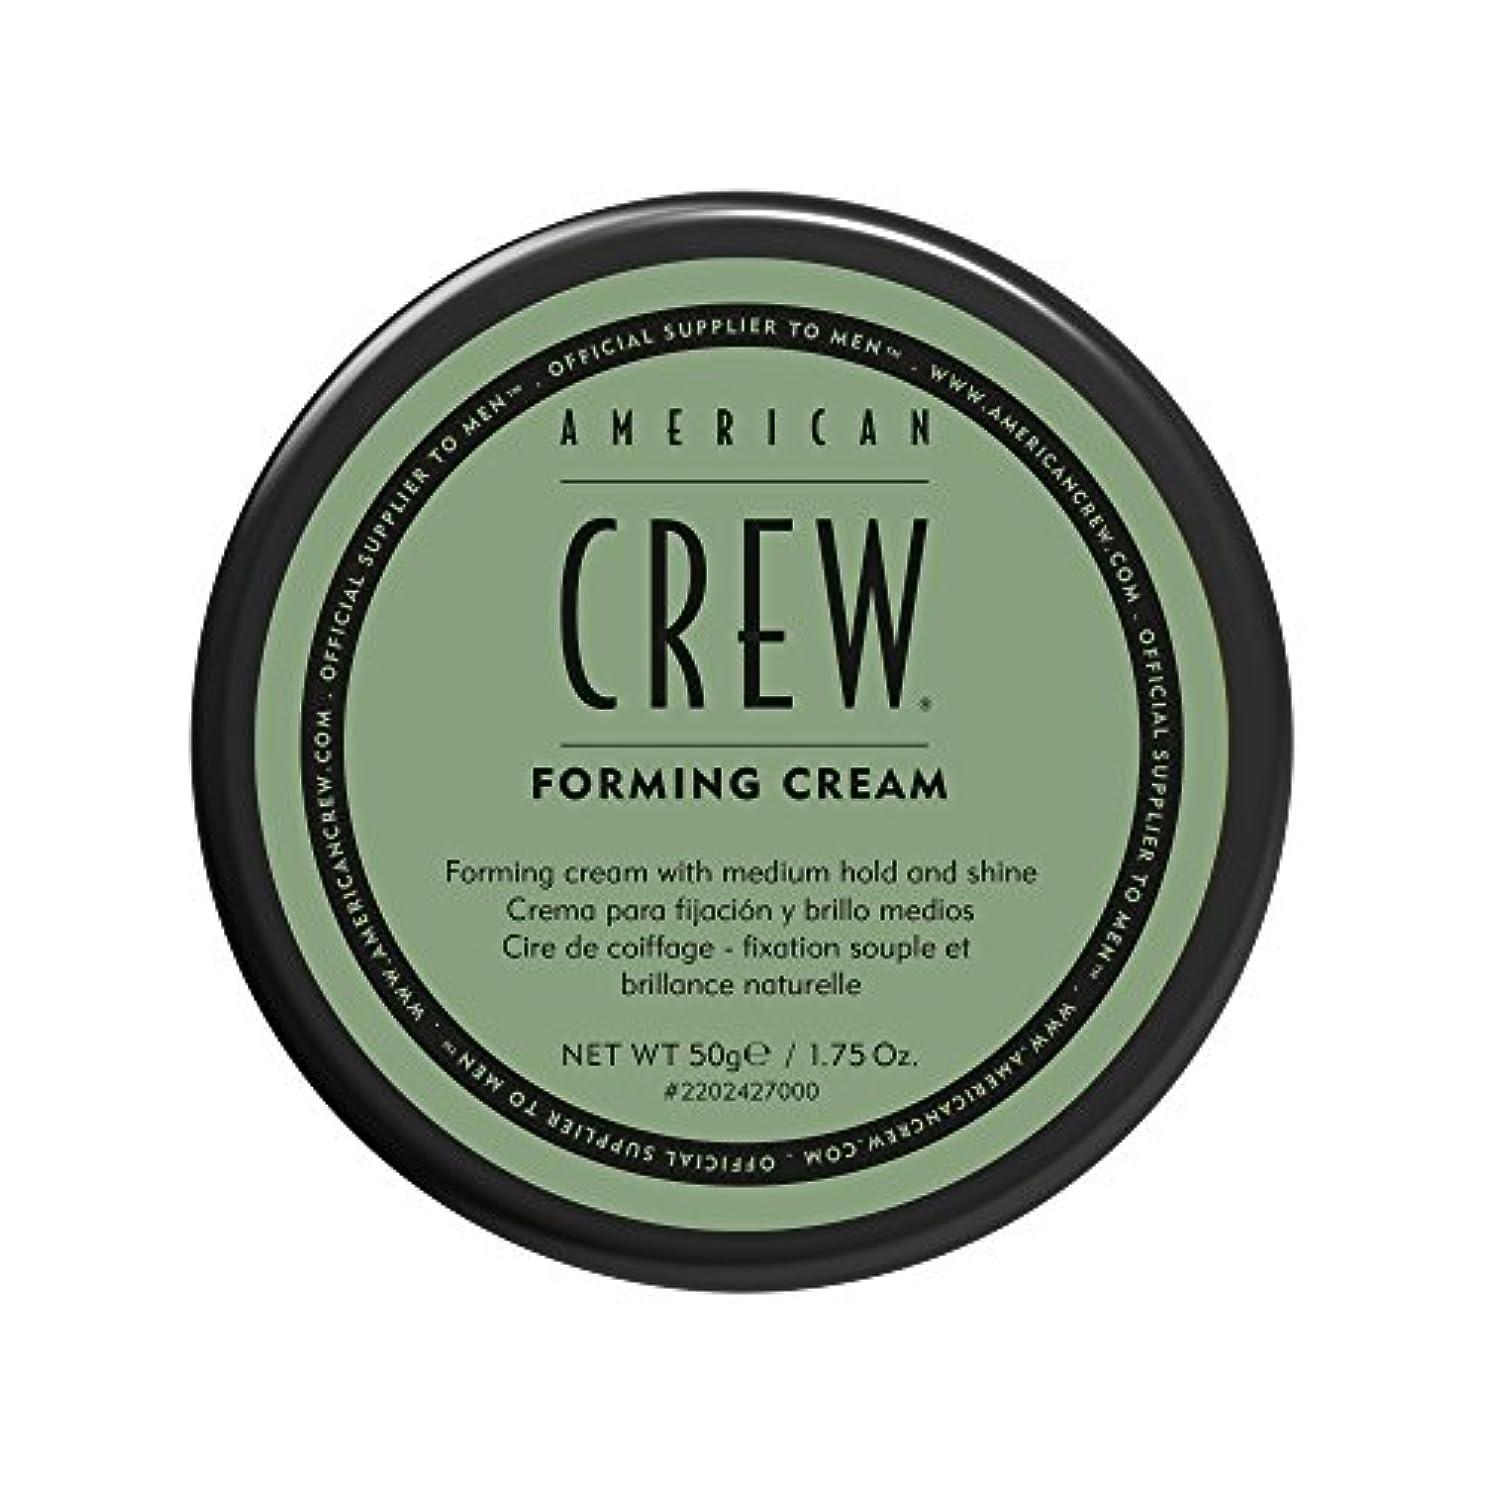 適度に一見スキップby American Crew FORMING CREAM 1.75 OZ by AMERICAN CREW